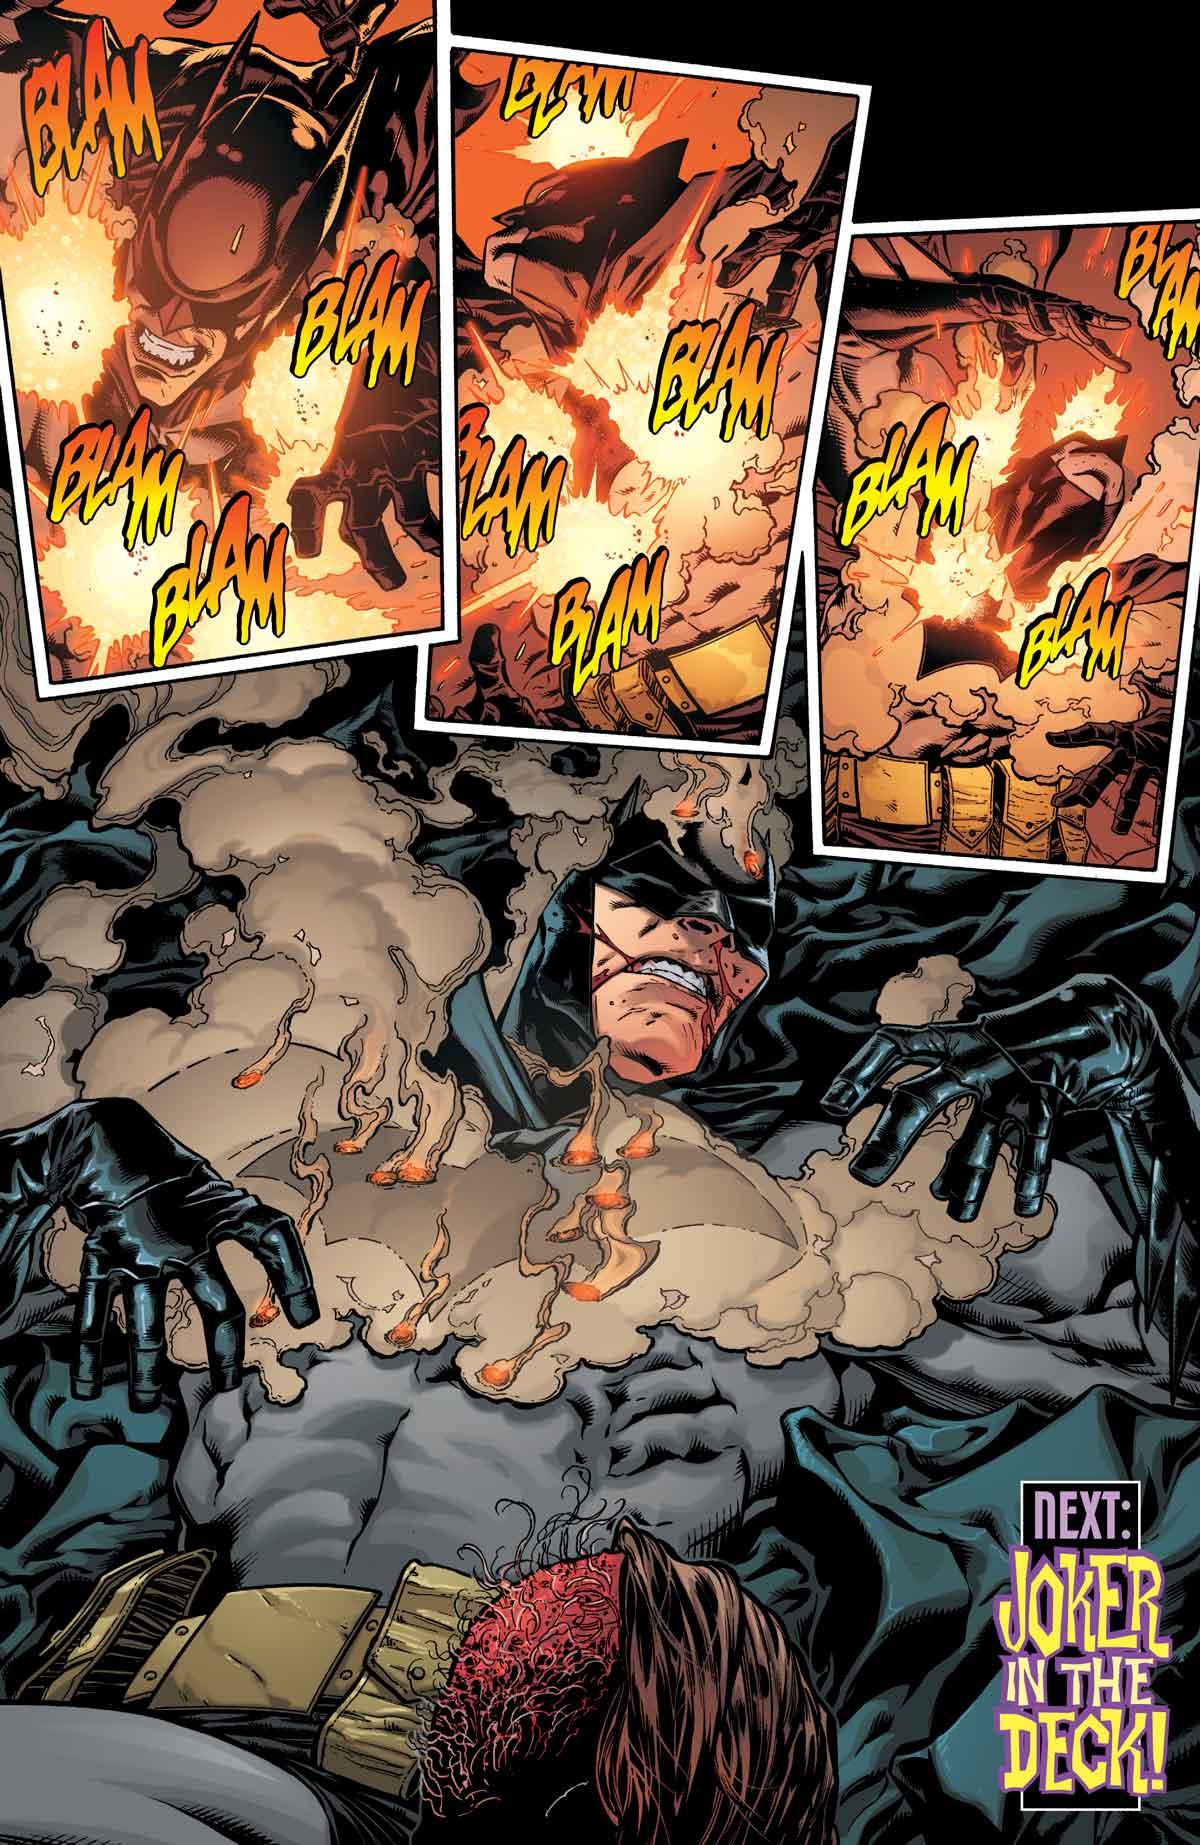 Detective Comics Nº 1021